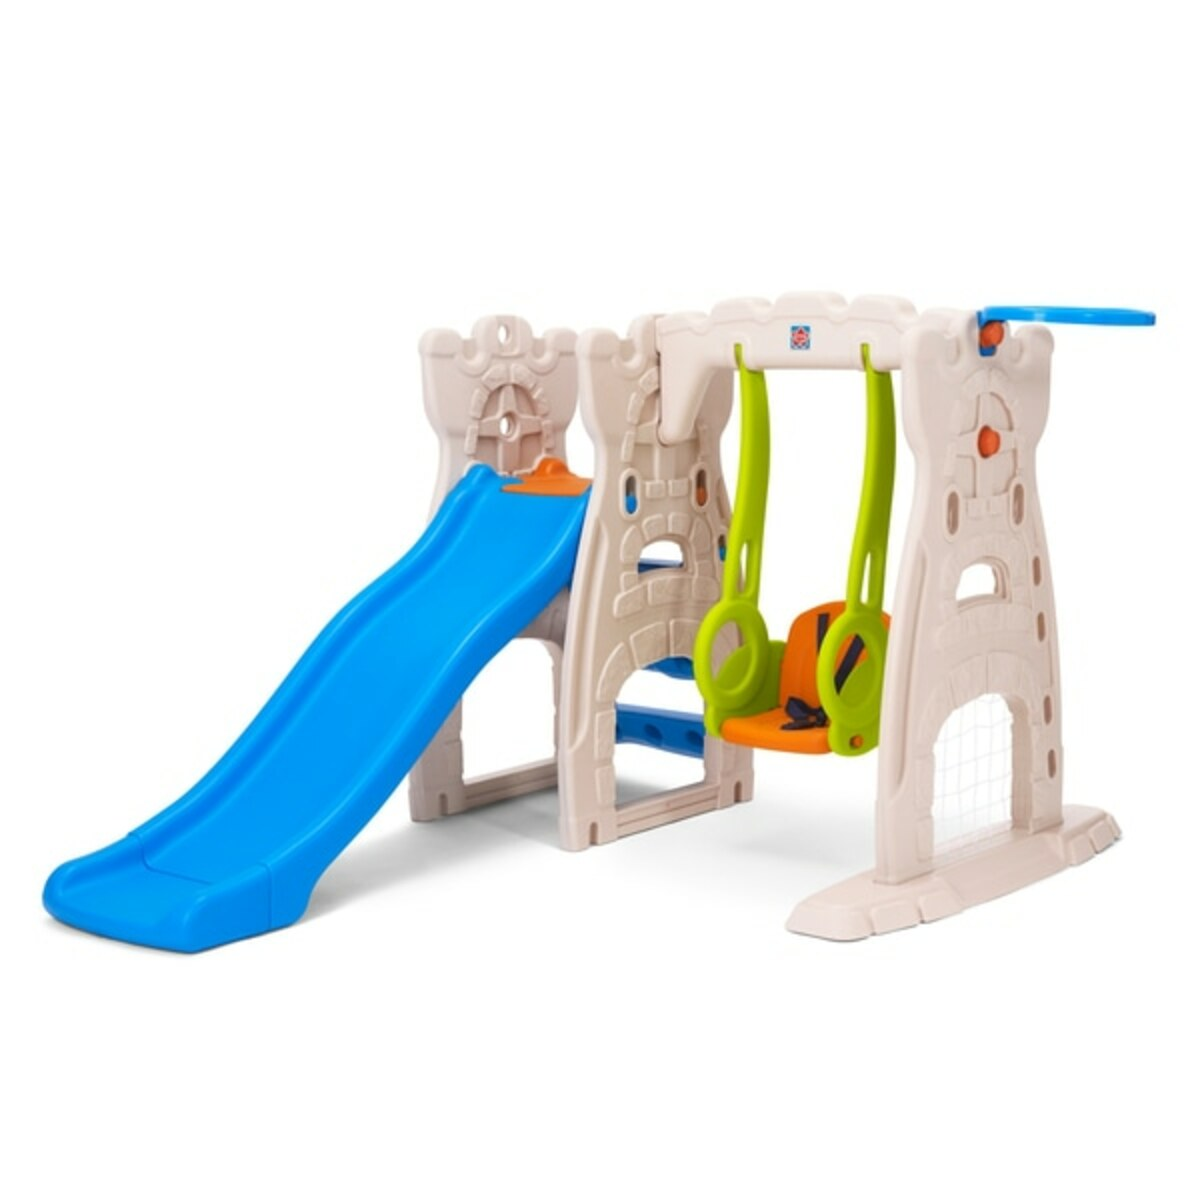 Bild 3 von Grow´n Up - Scramble N Slide Playcenter mit Rutsche